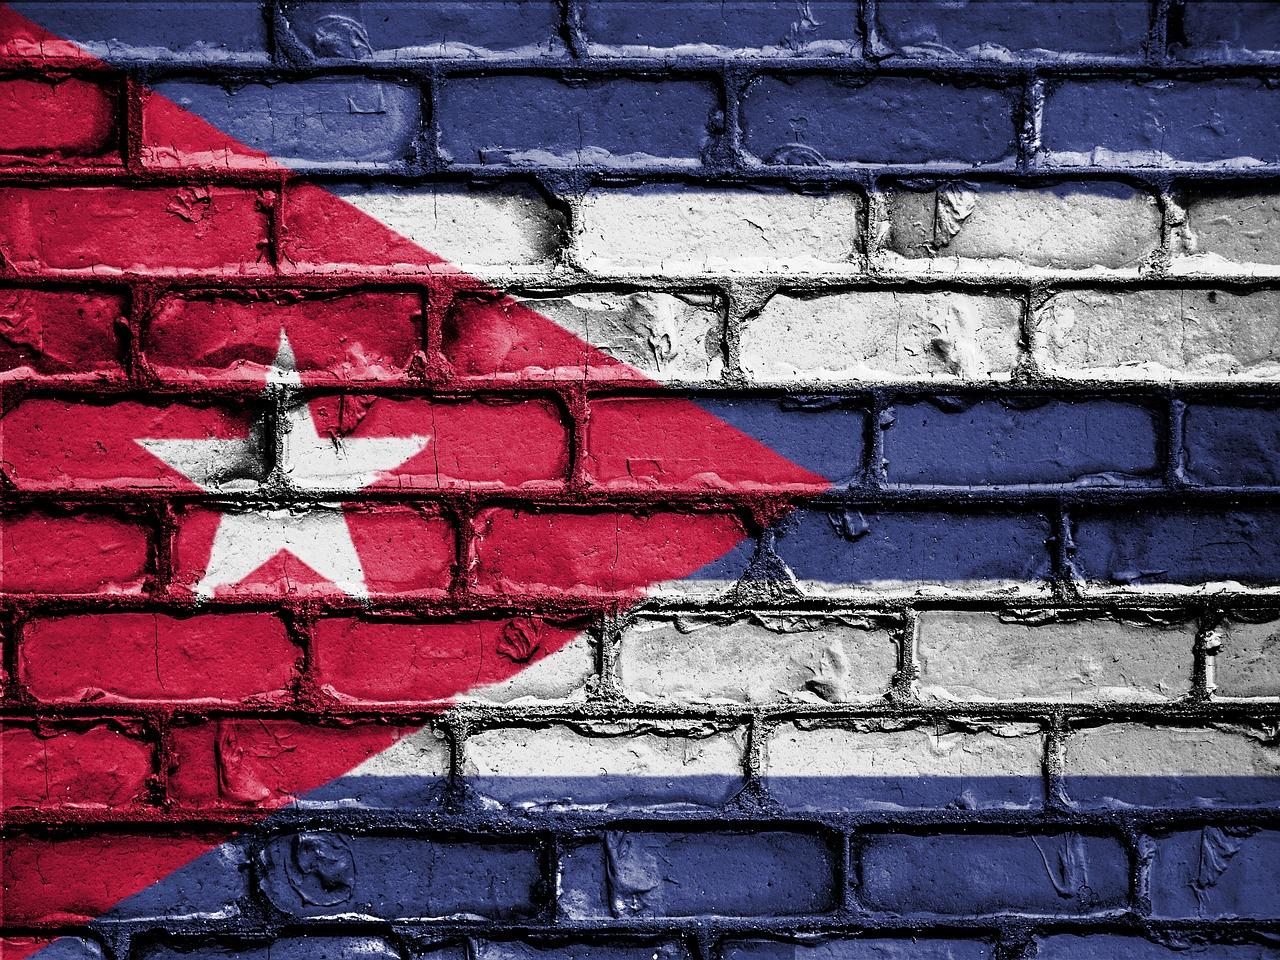 Kuba- marzenie, które najprawdopodobniej już zawsze pozostanie tylko marzeniem.